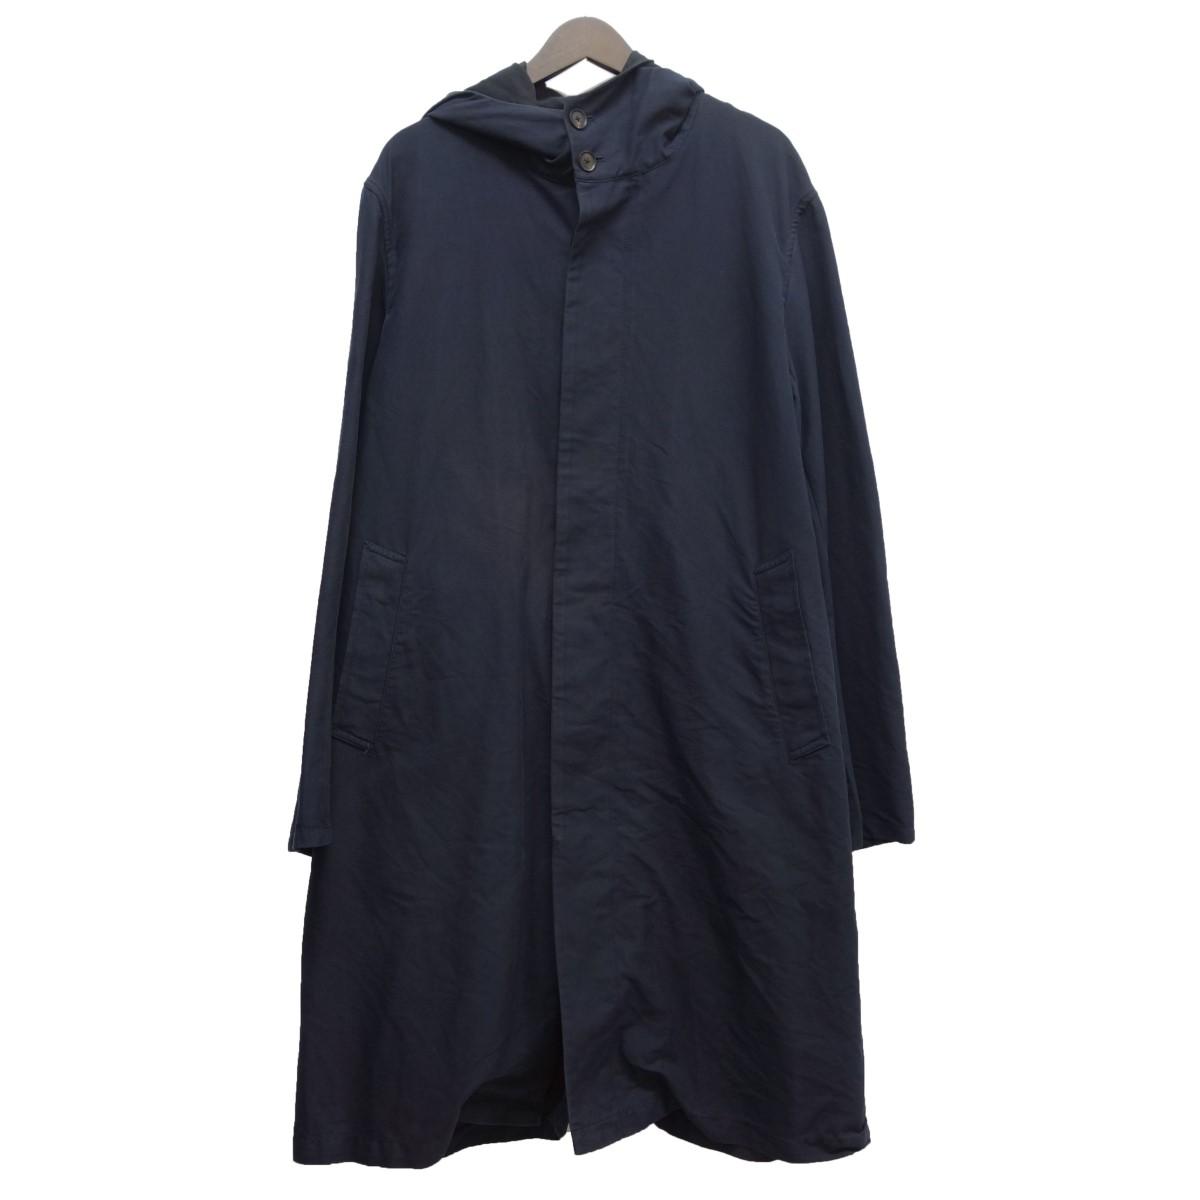 【中古】AURALEE 16SS「FINX DOUBLE CLOTH HOODED COAT」ダブルクロスフーデットコート ネイビー サイズ:4 【060420】(オーラリー)